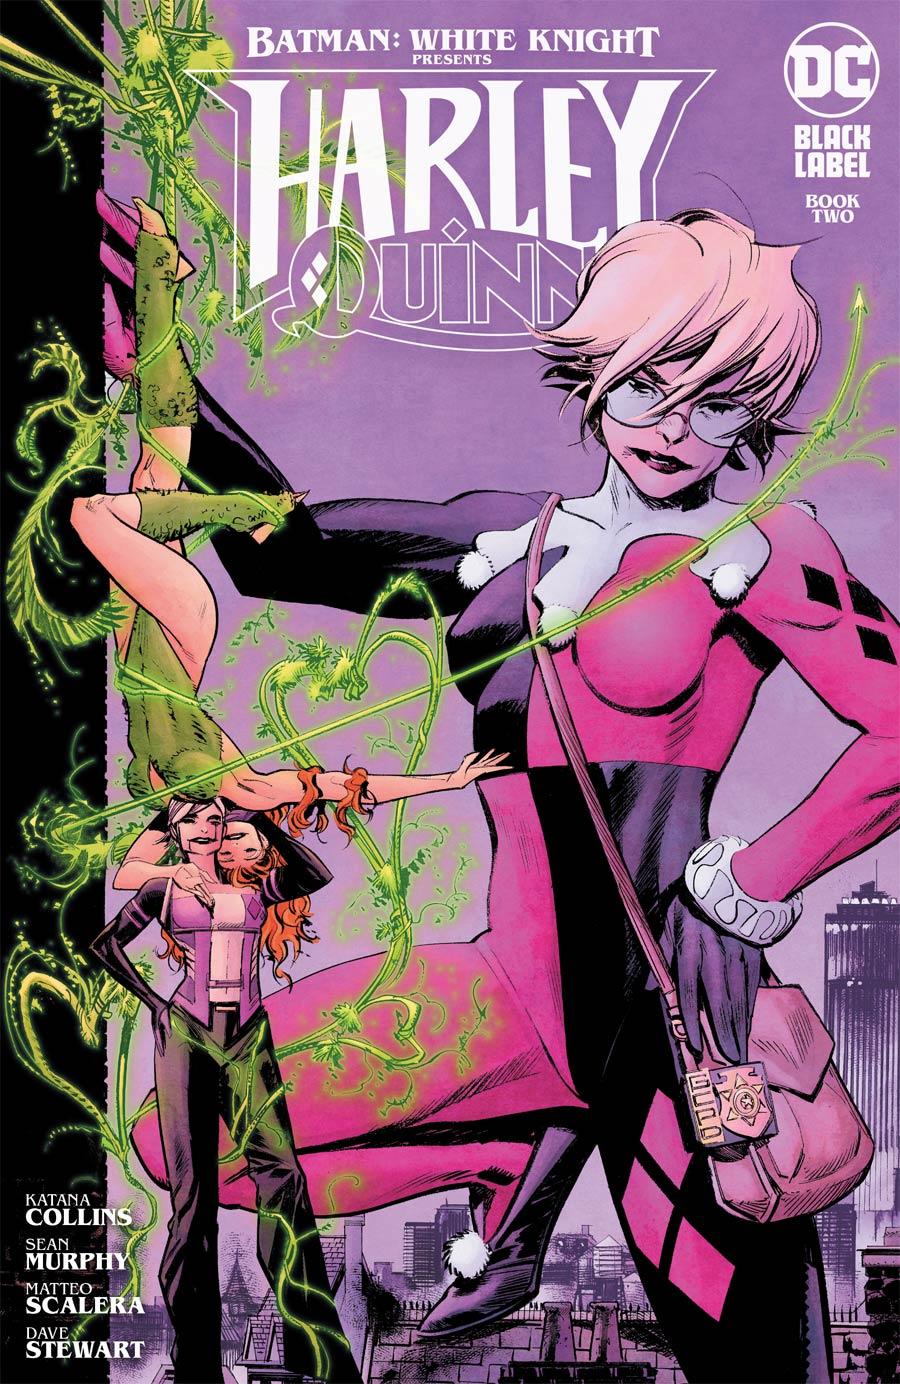 Batman White Knight Presents Harley Quinn #2 Cover A Regular Sean Murphy Cover